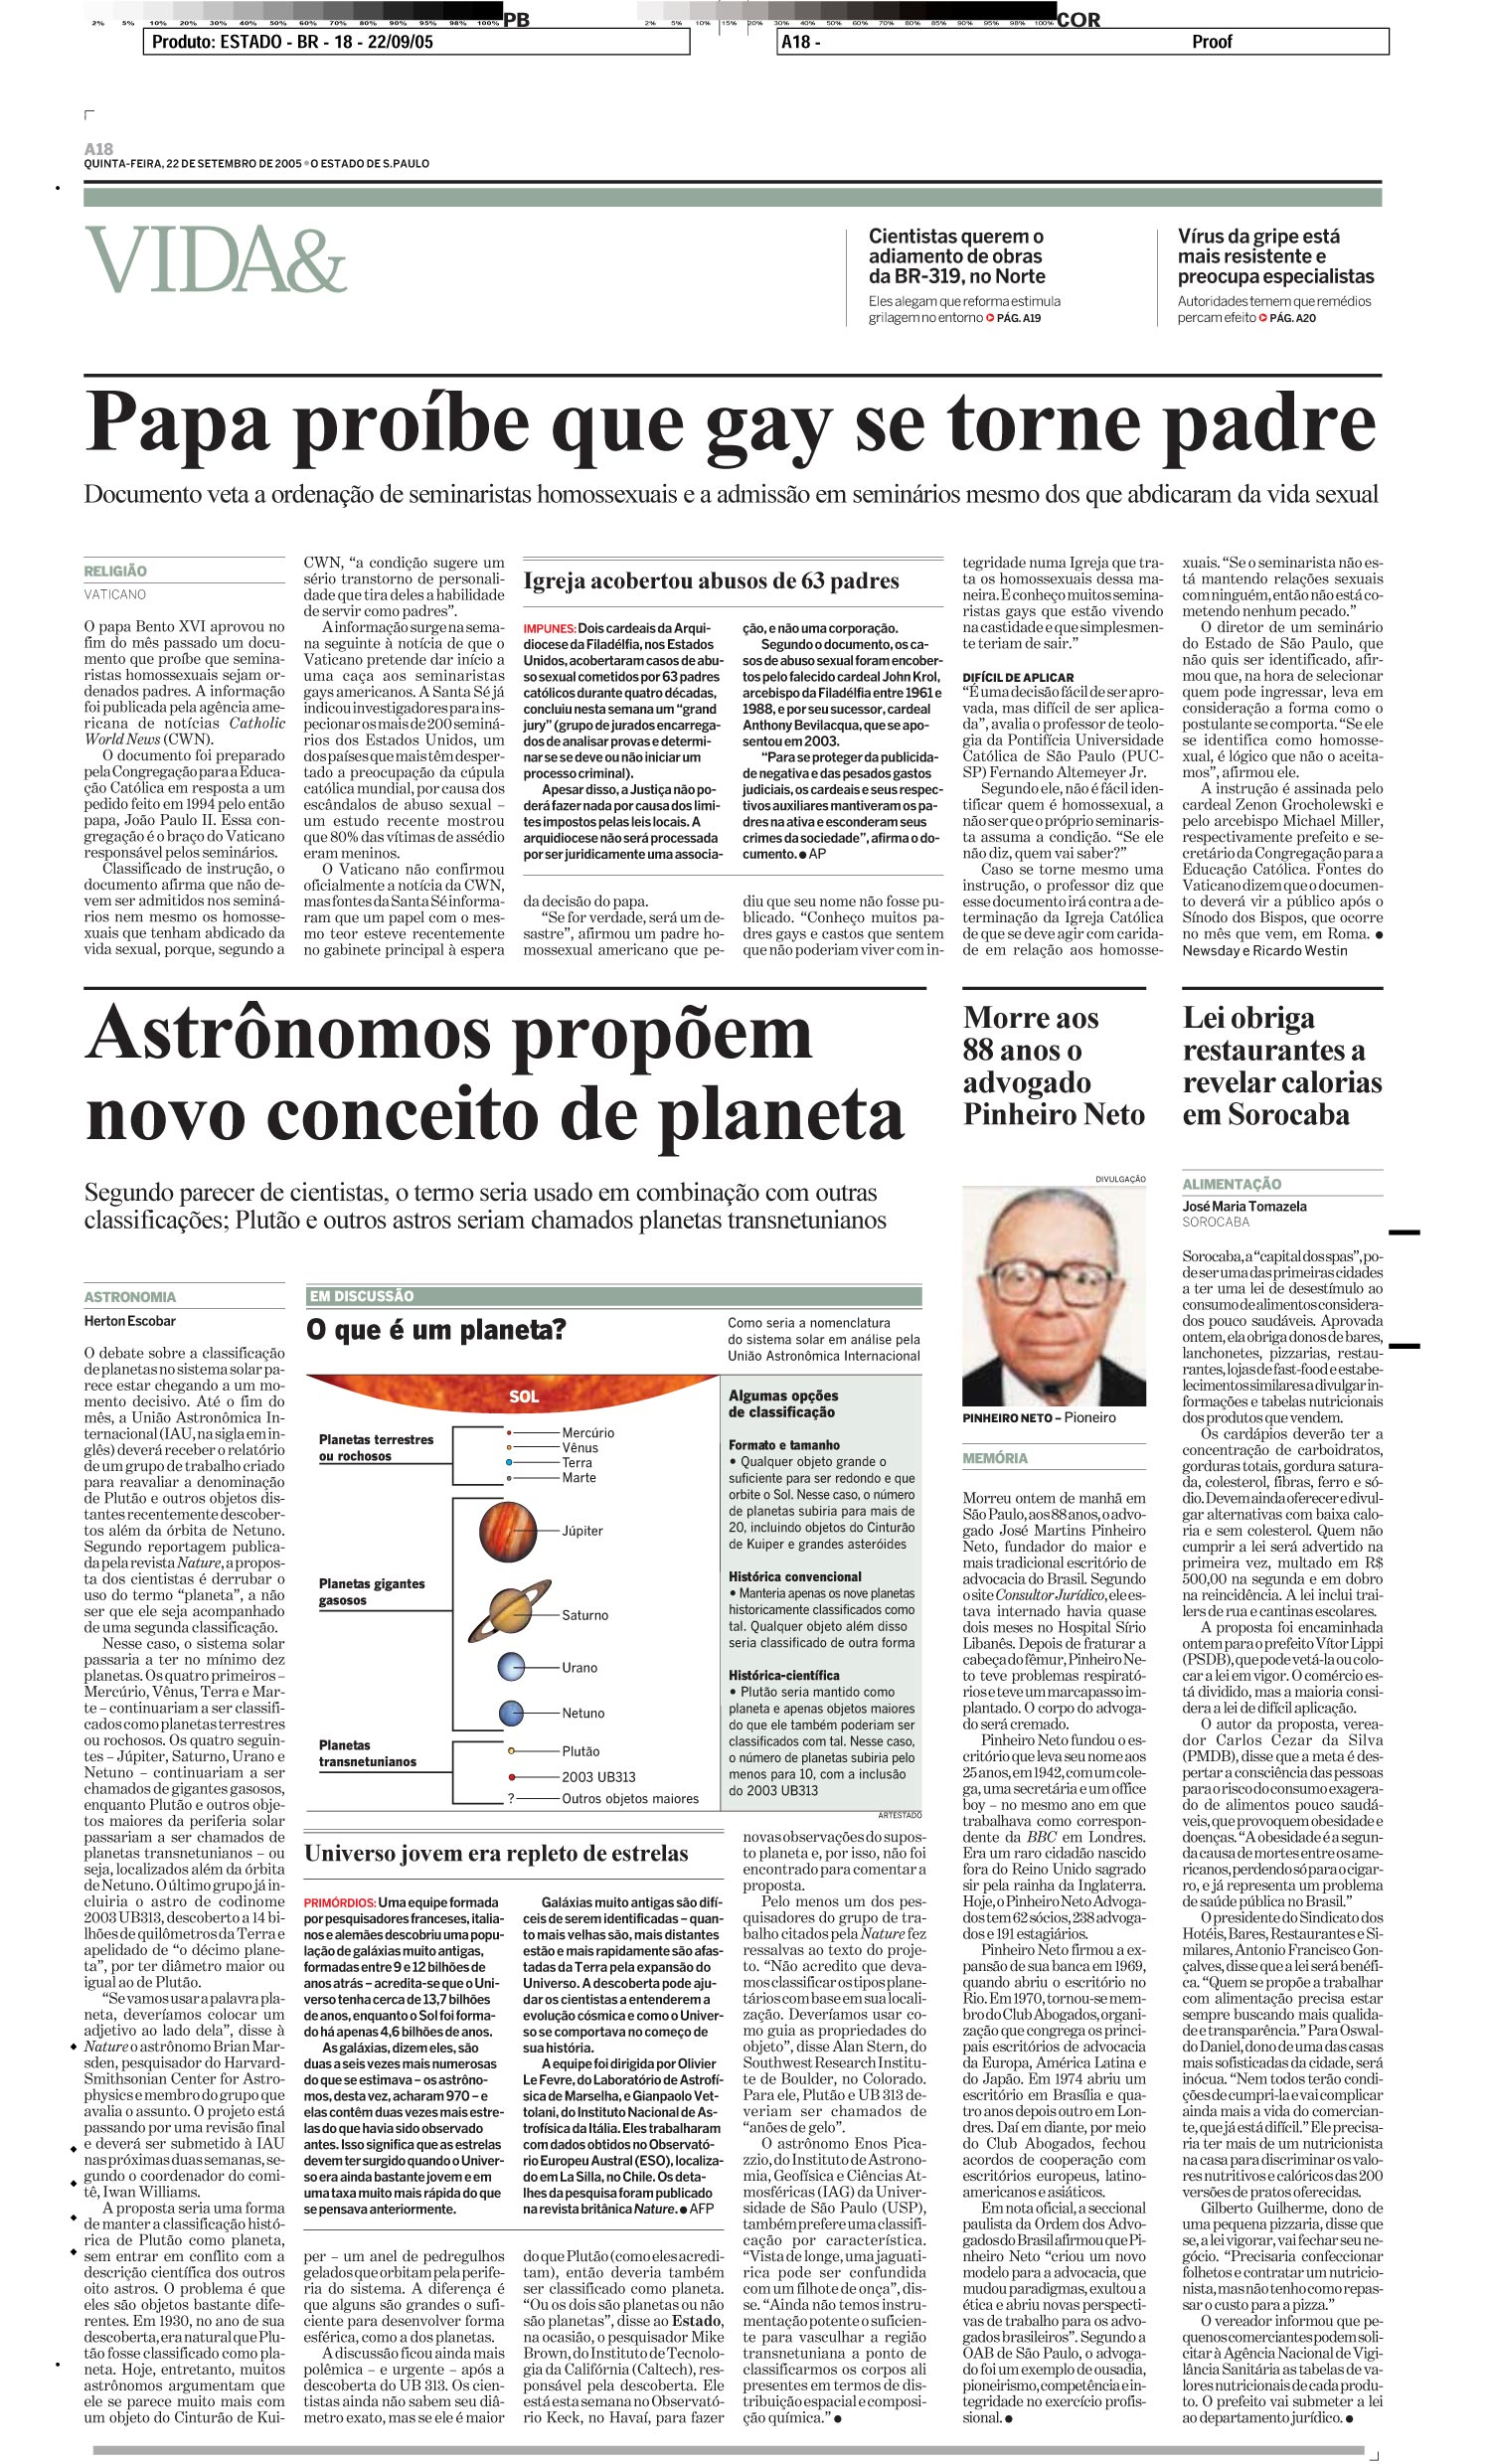 Astrônomos propõem novo conceito de planeta